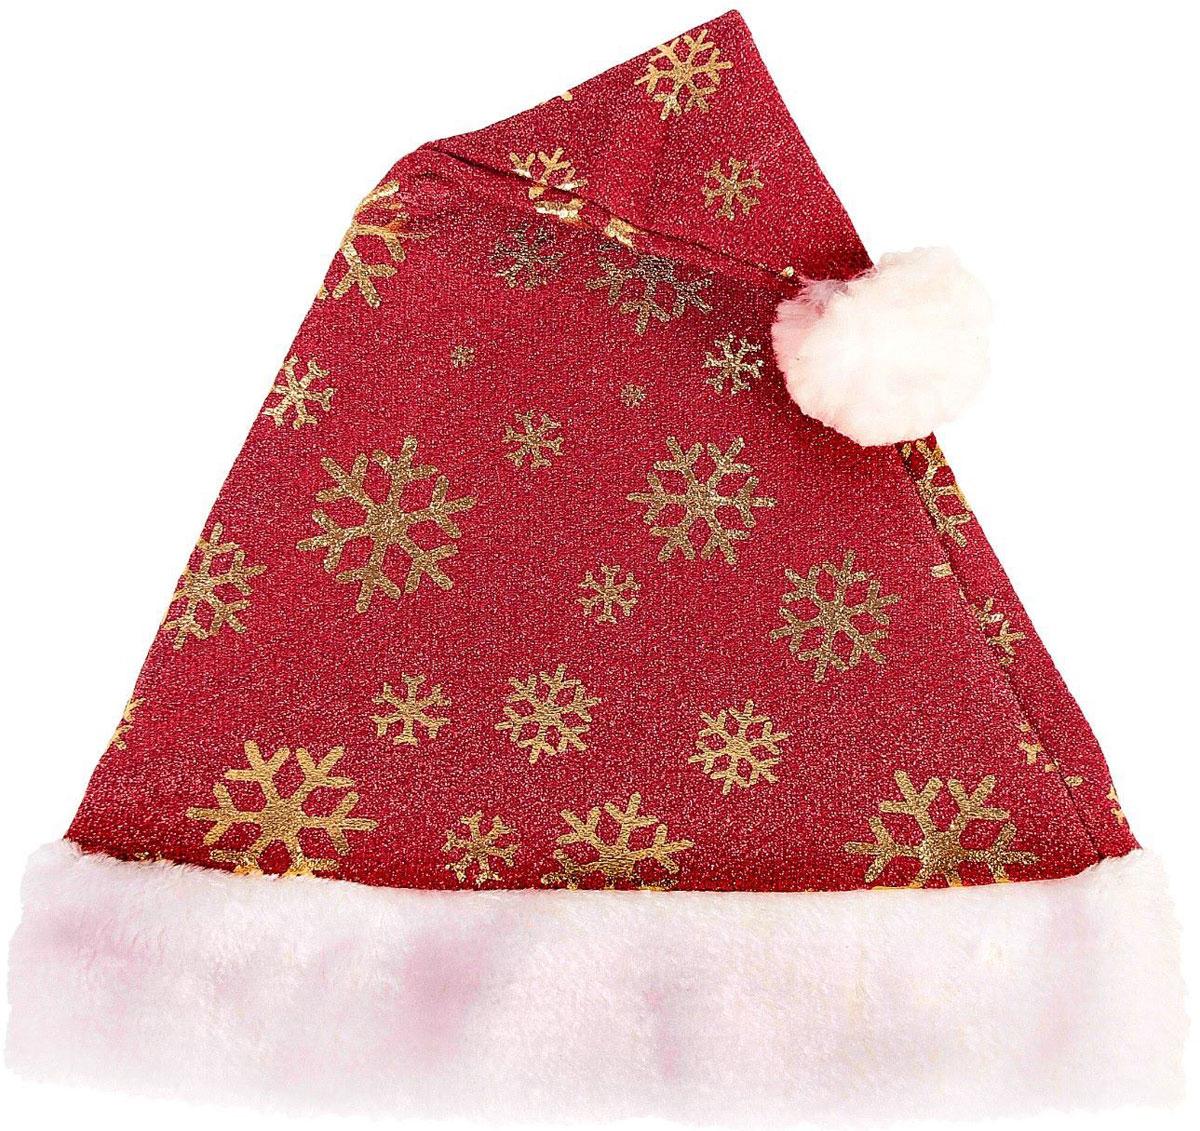 Колпак новогодний Искринка. Снежинки, 28 х 40 см2363890Невозможно представить нашу жизнь без праздников! Мы всегда ждем их и предвкушаем, обдумываем, как проведем памятный день, тщательно выбираем подарки и аксессуары, ведь именно они создают и поддерживают торжественный настрой. Это отличный выбор, который привнесет атмосферу праздника в ваш дом!